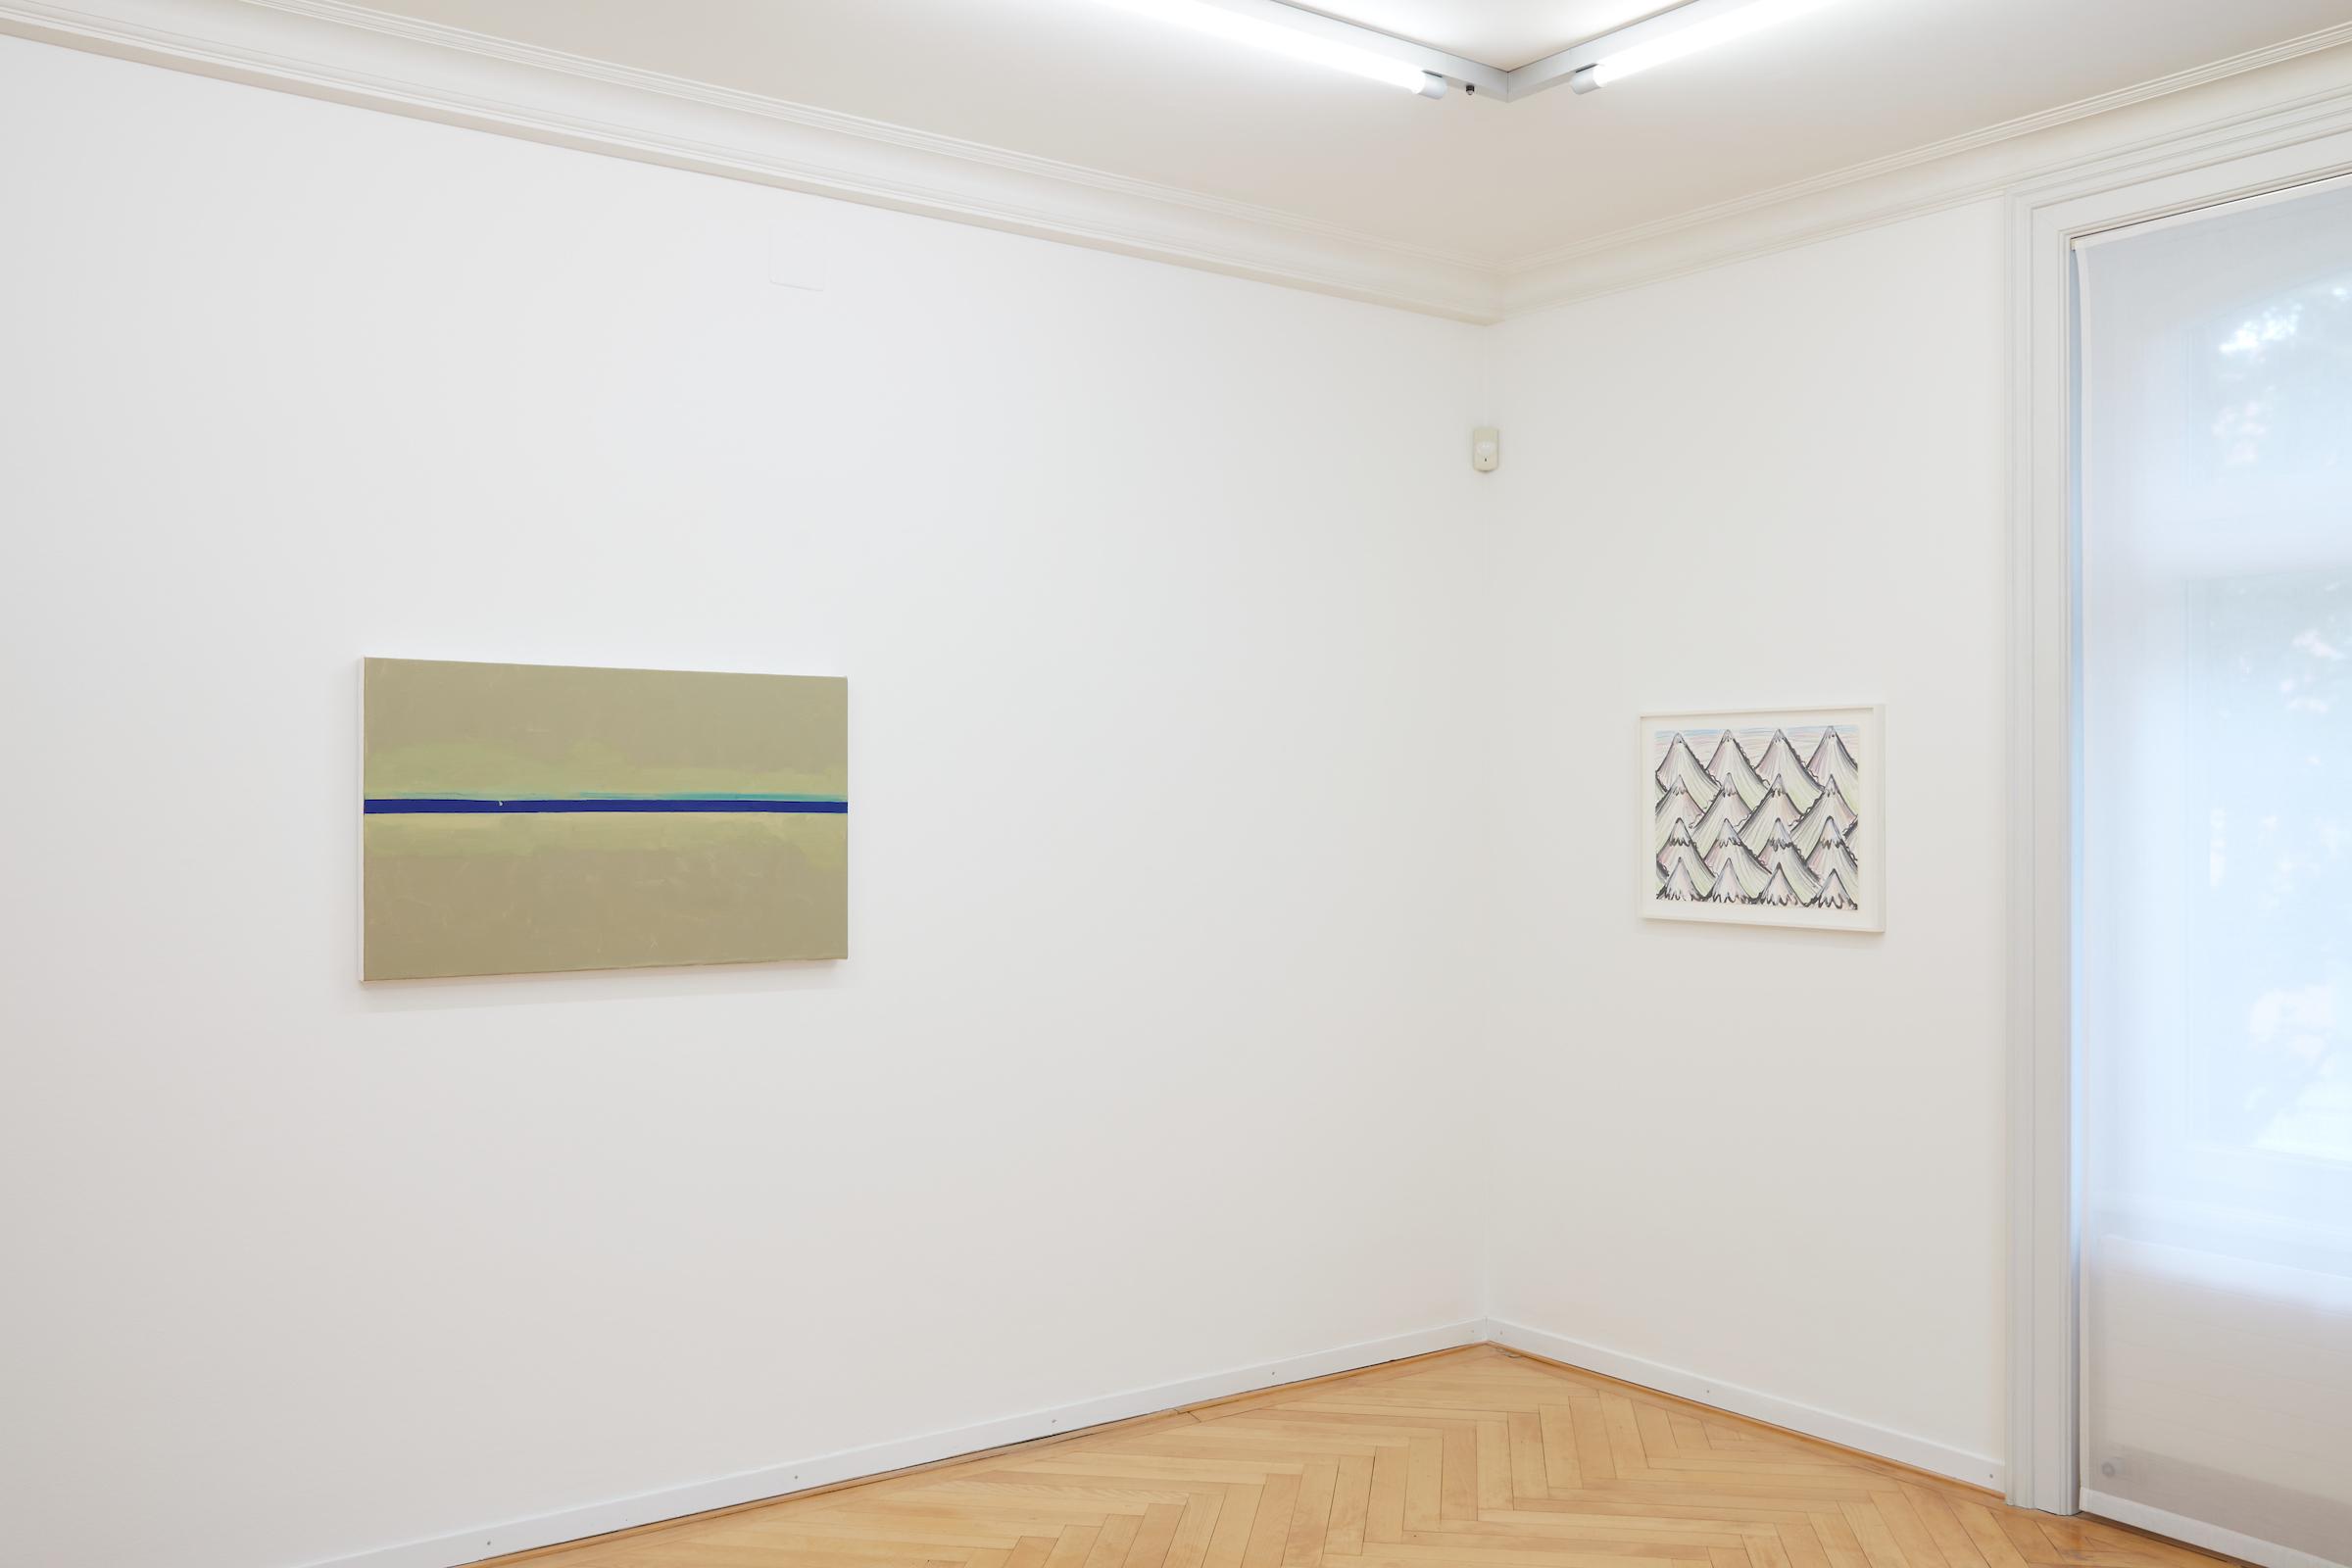 Sam Porritt, After Bob Ross: Everything is Beautiful, 2020. Installation view. Museum Im Bellpark, Kriens, CH. Photographer: Martin Stollenwerk.